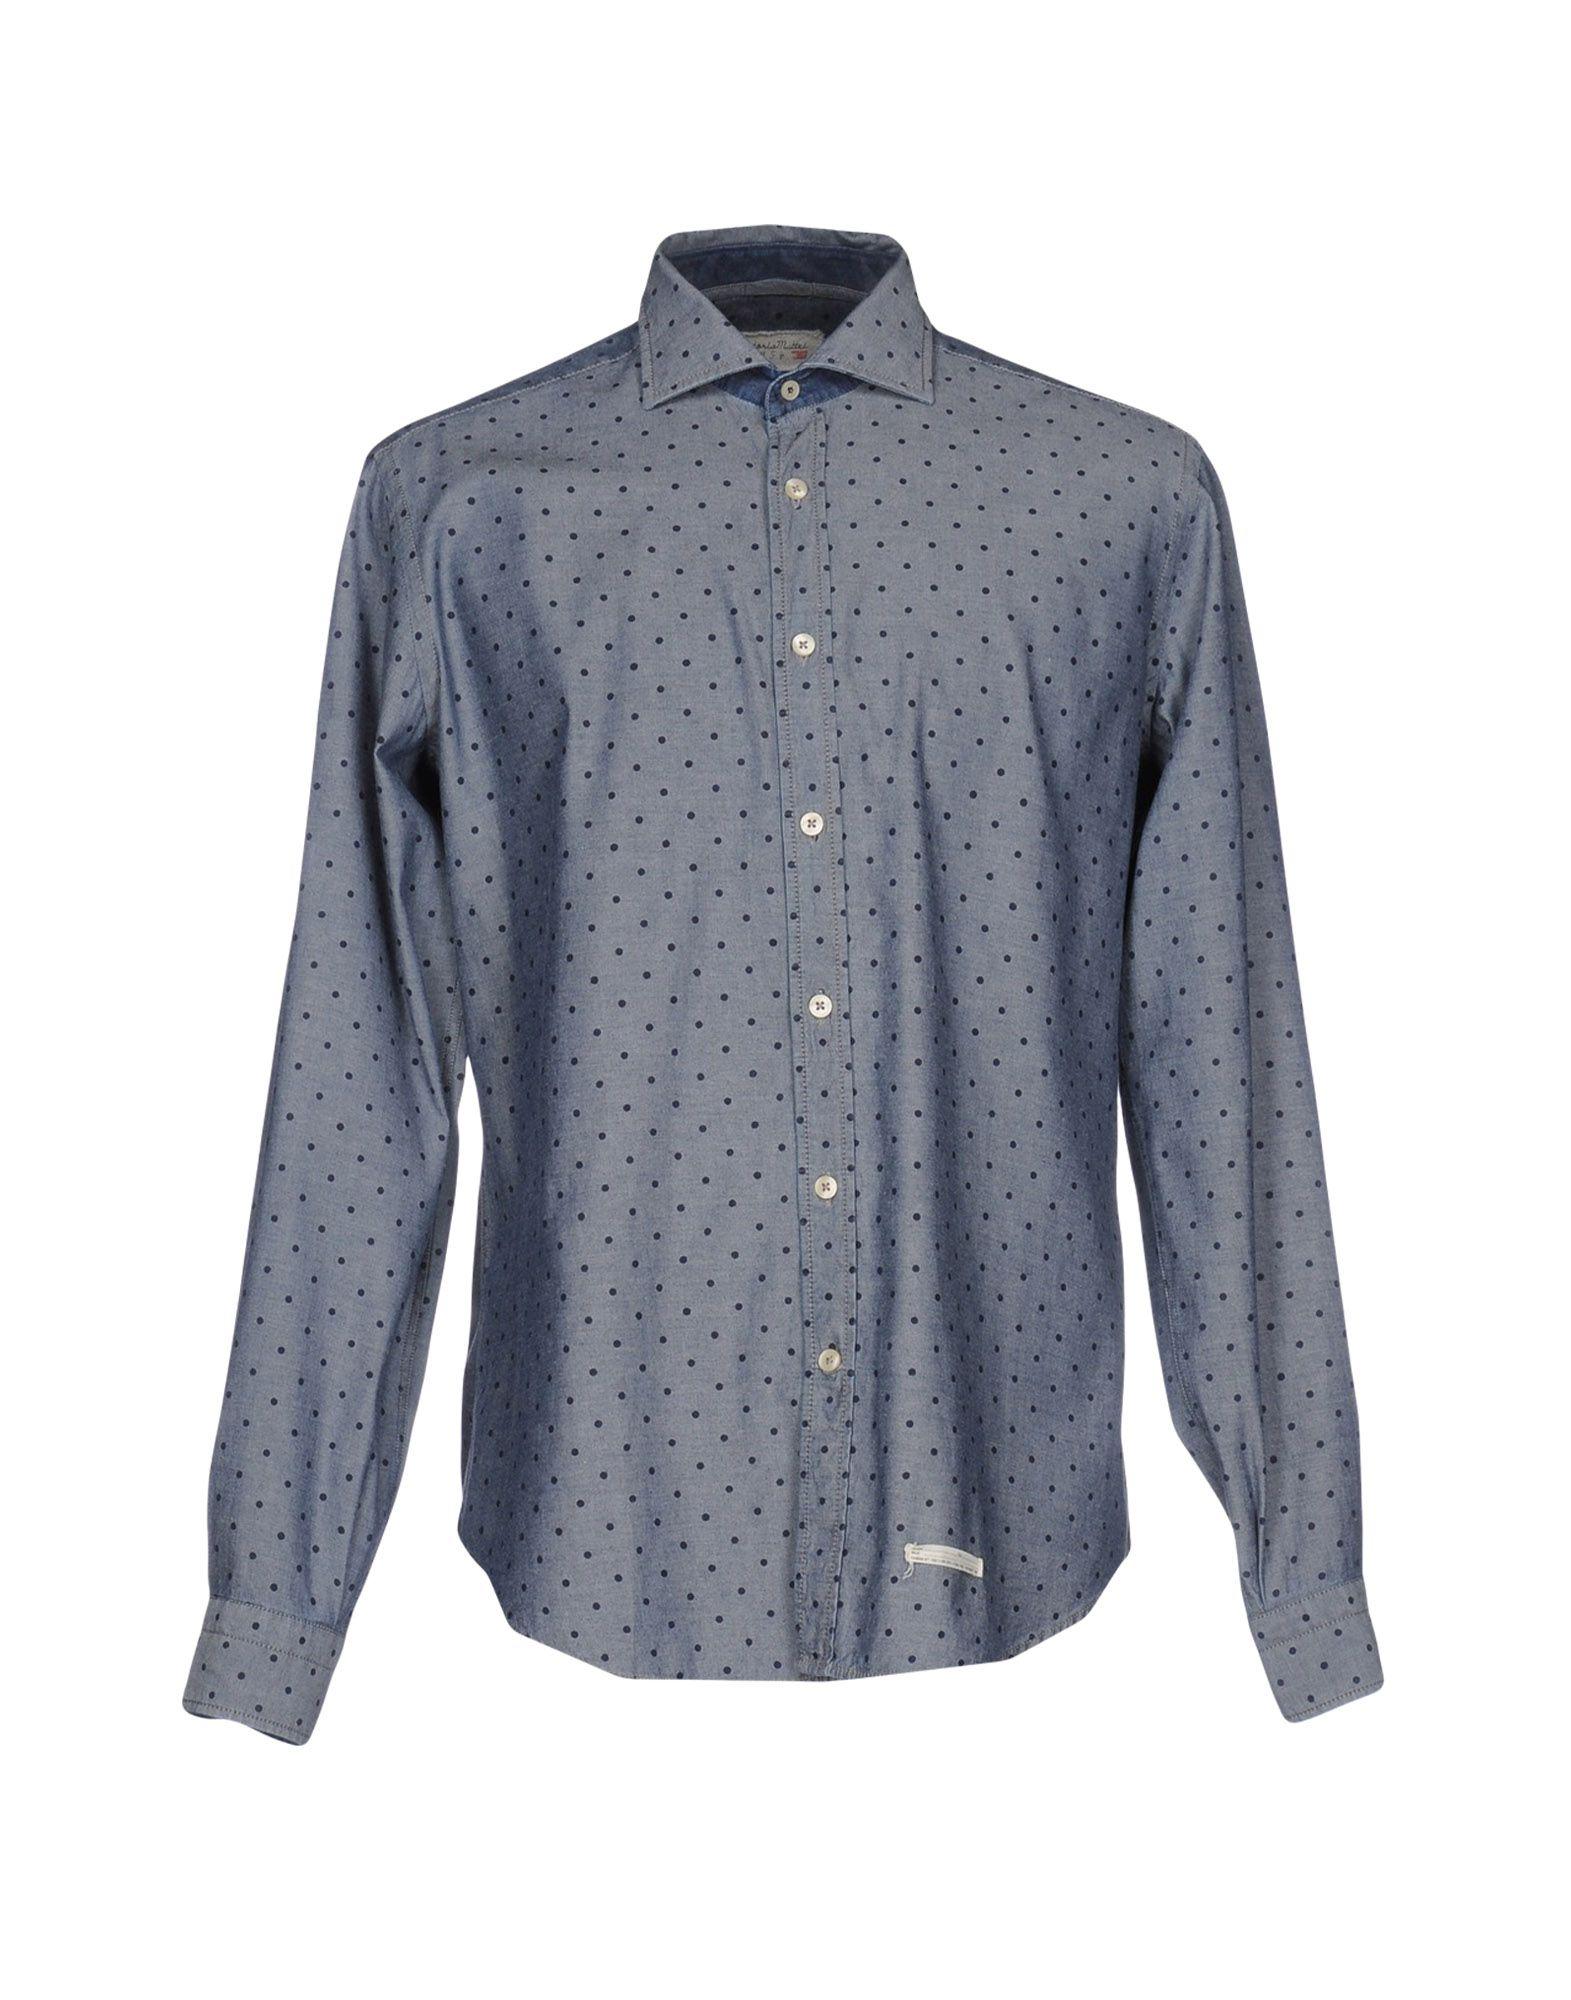 TINTORIA MATTEI 954 Джинсовая рубашка tintoria mattei 954 джинсовая рубашка